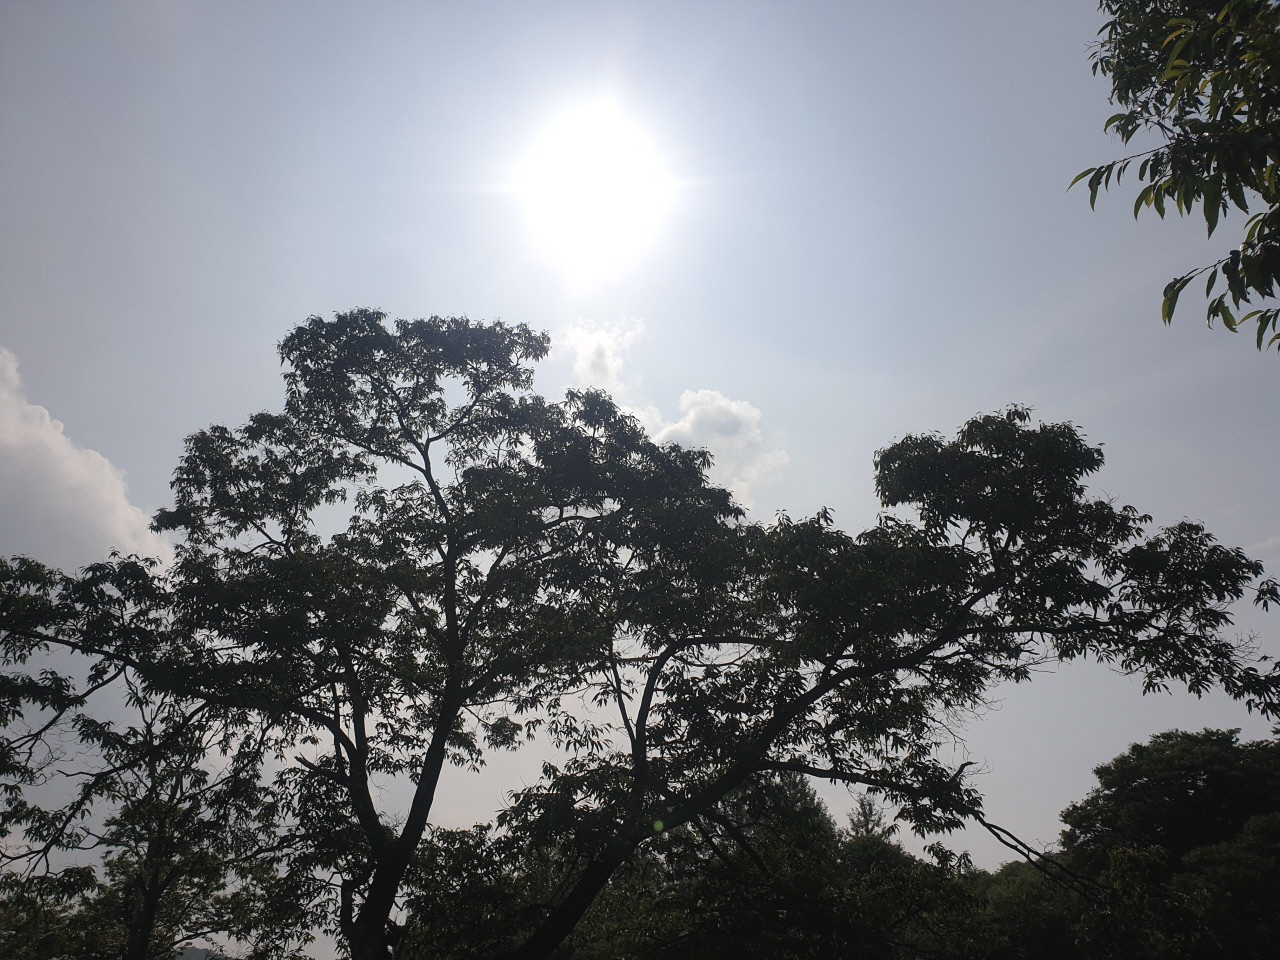 [꾸미기]홍천연기캠프_내이야기#통일-전체 사진-33386761769.jpg